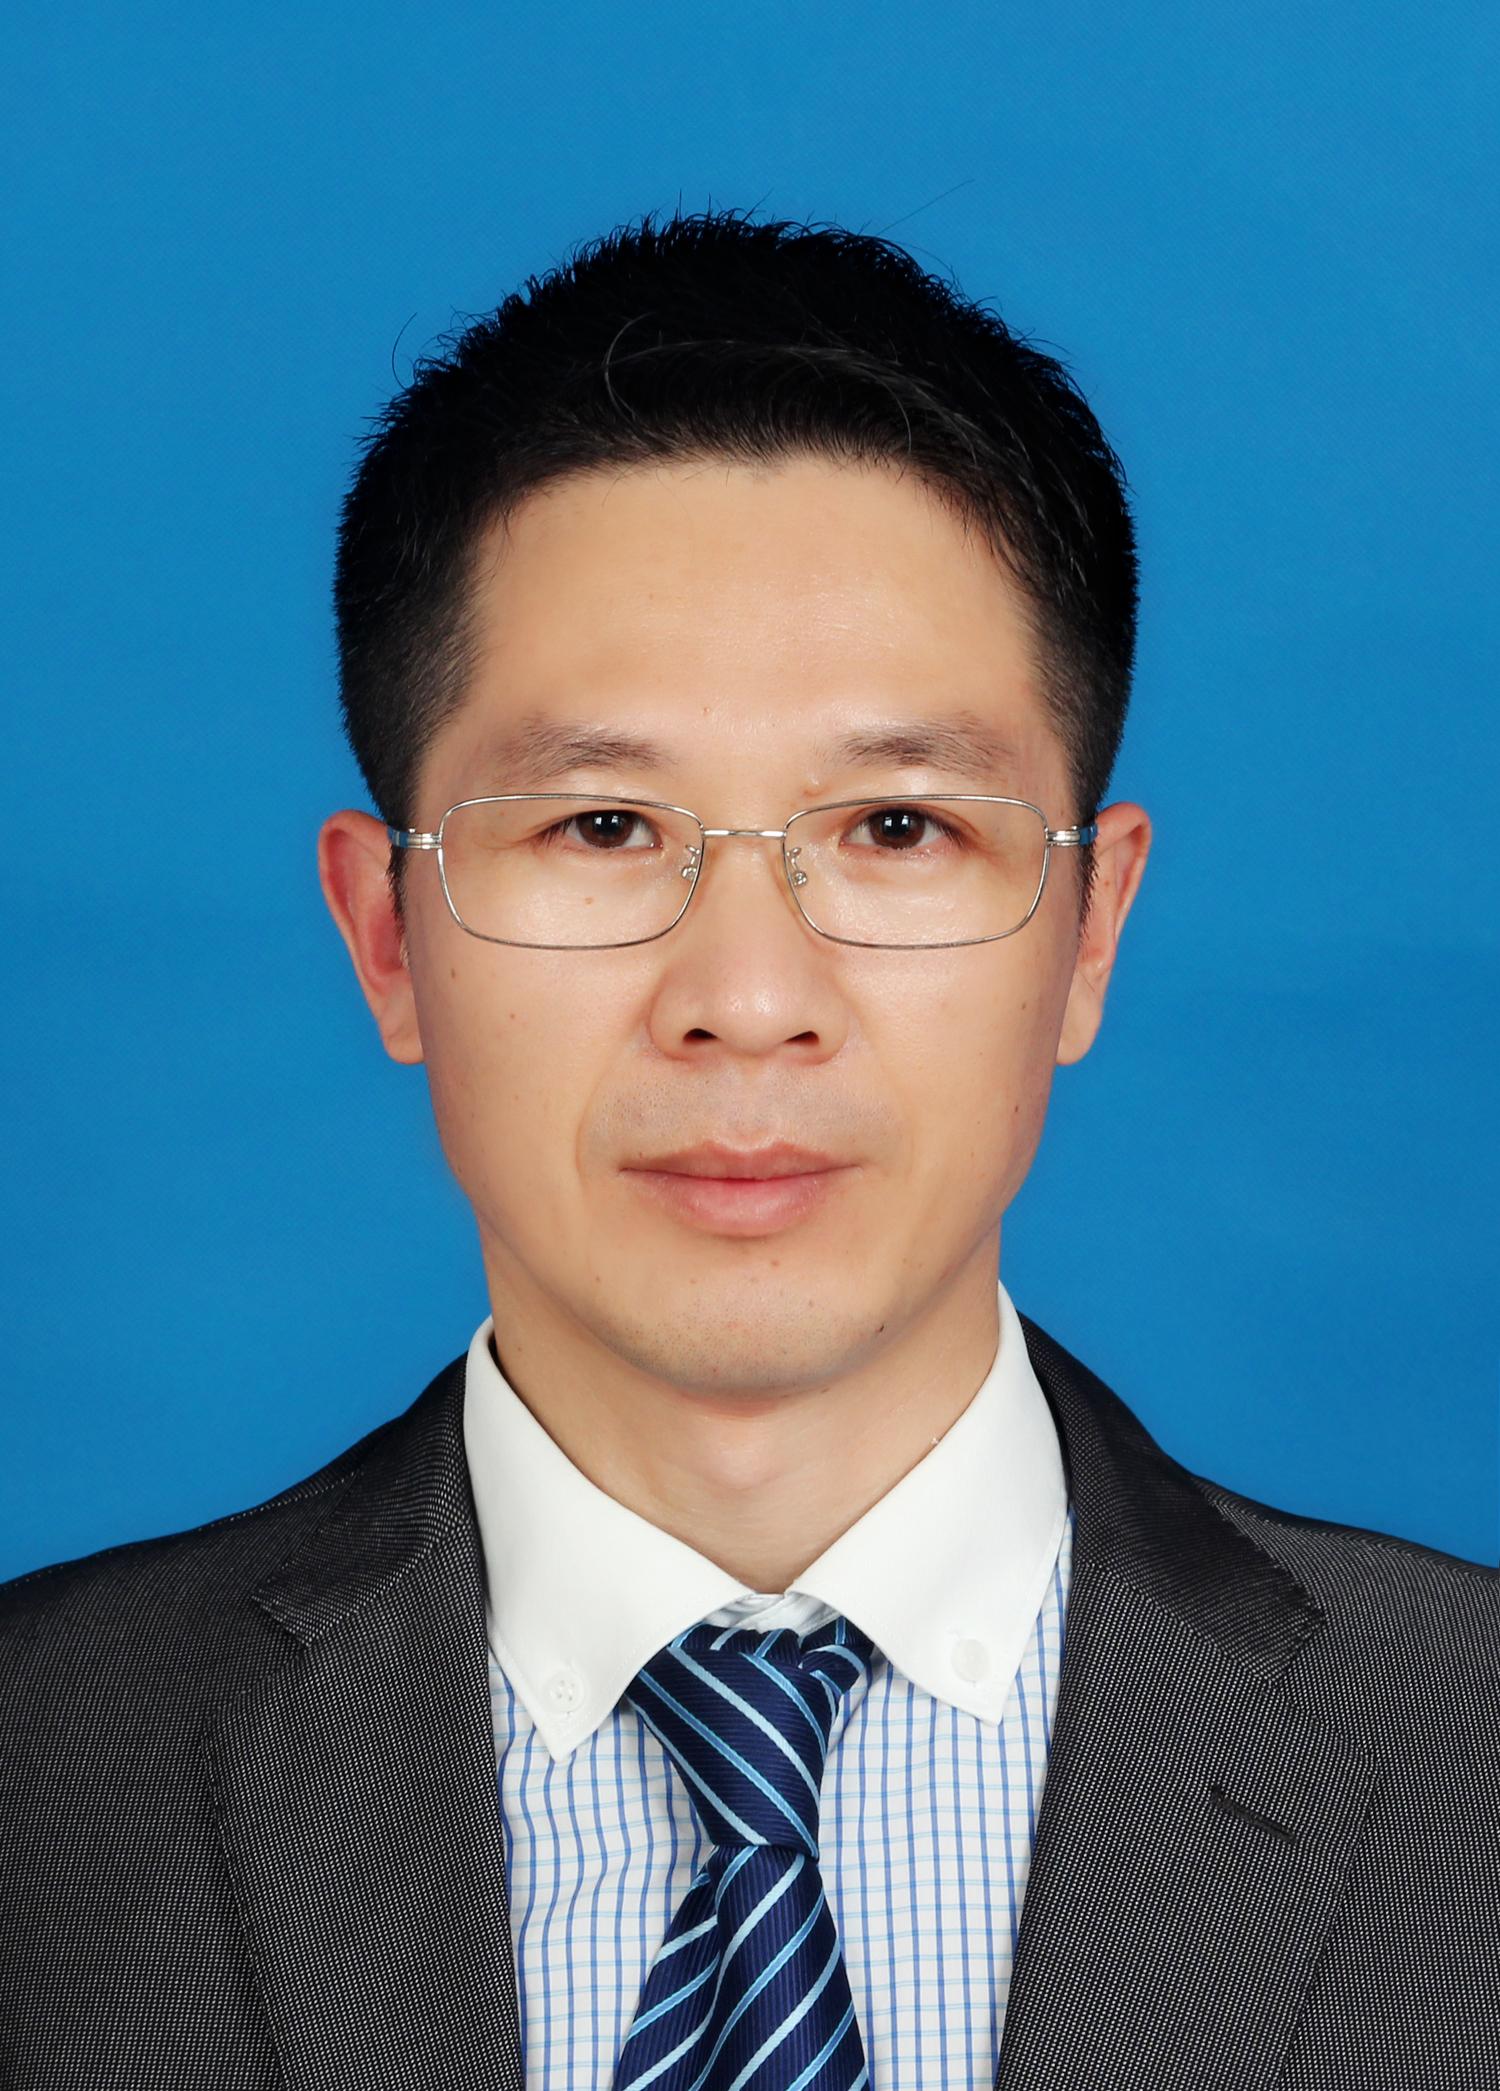 连云港婚姻律师